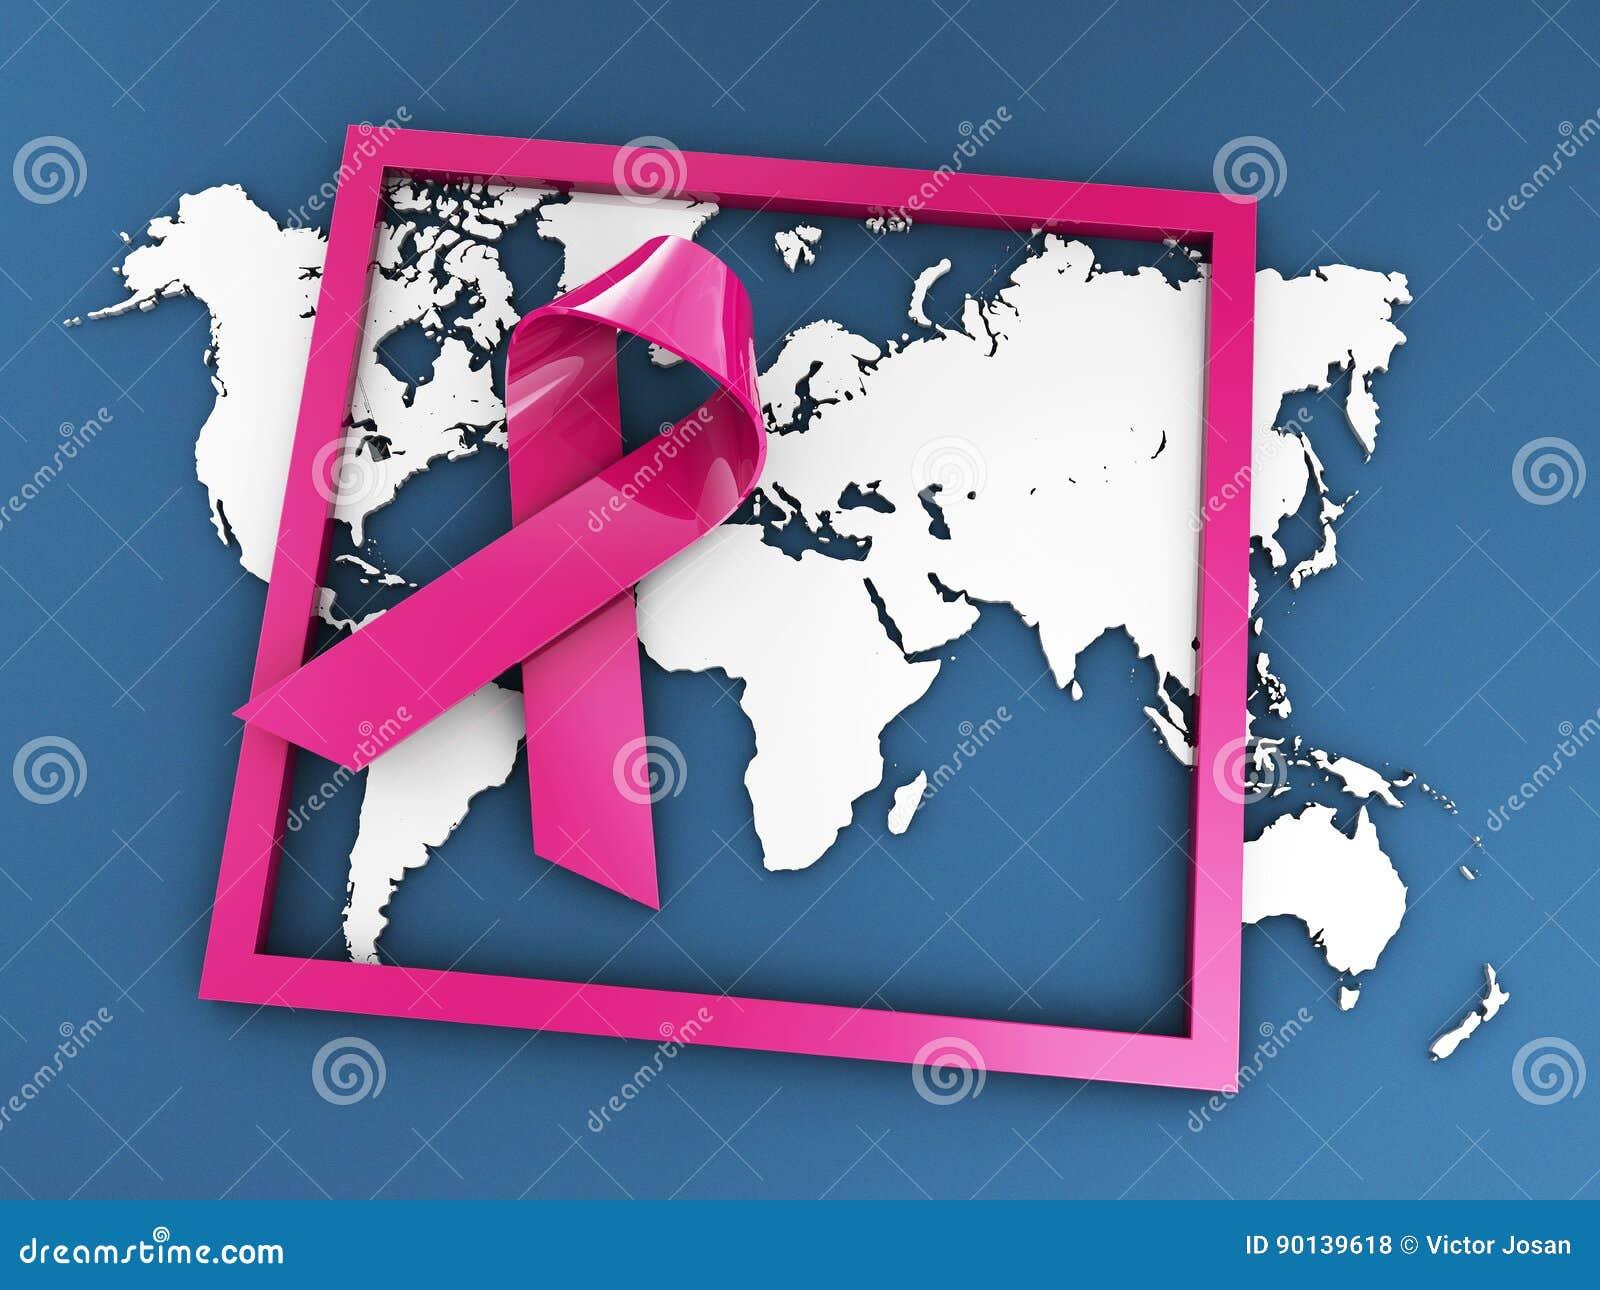 Slåss för att avsluta cancer, illustrationen isolerad blått 3d